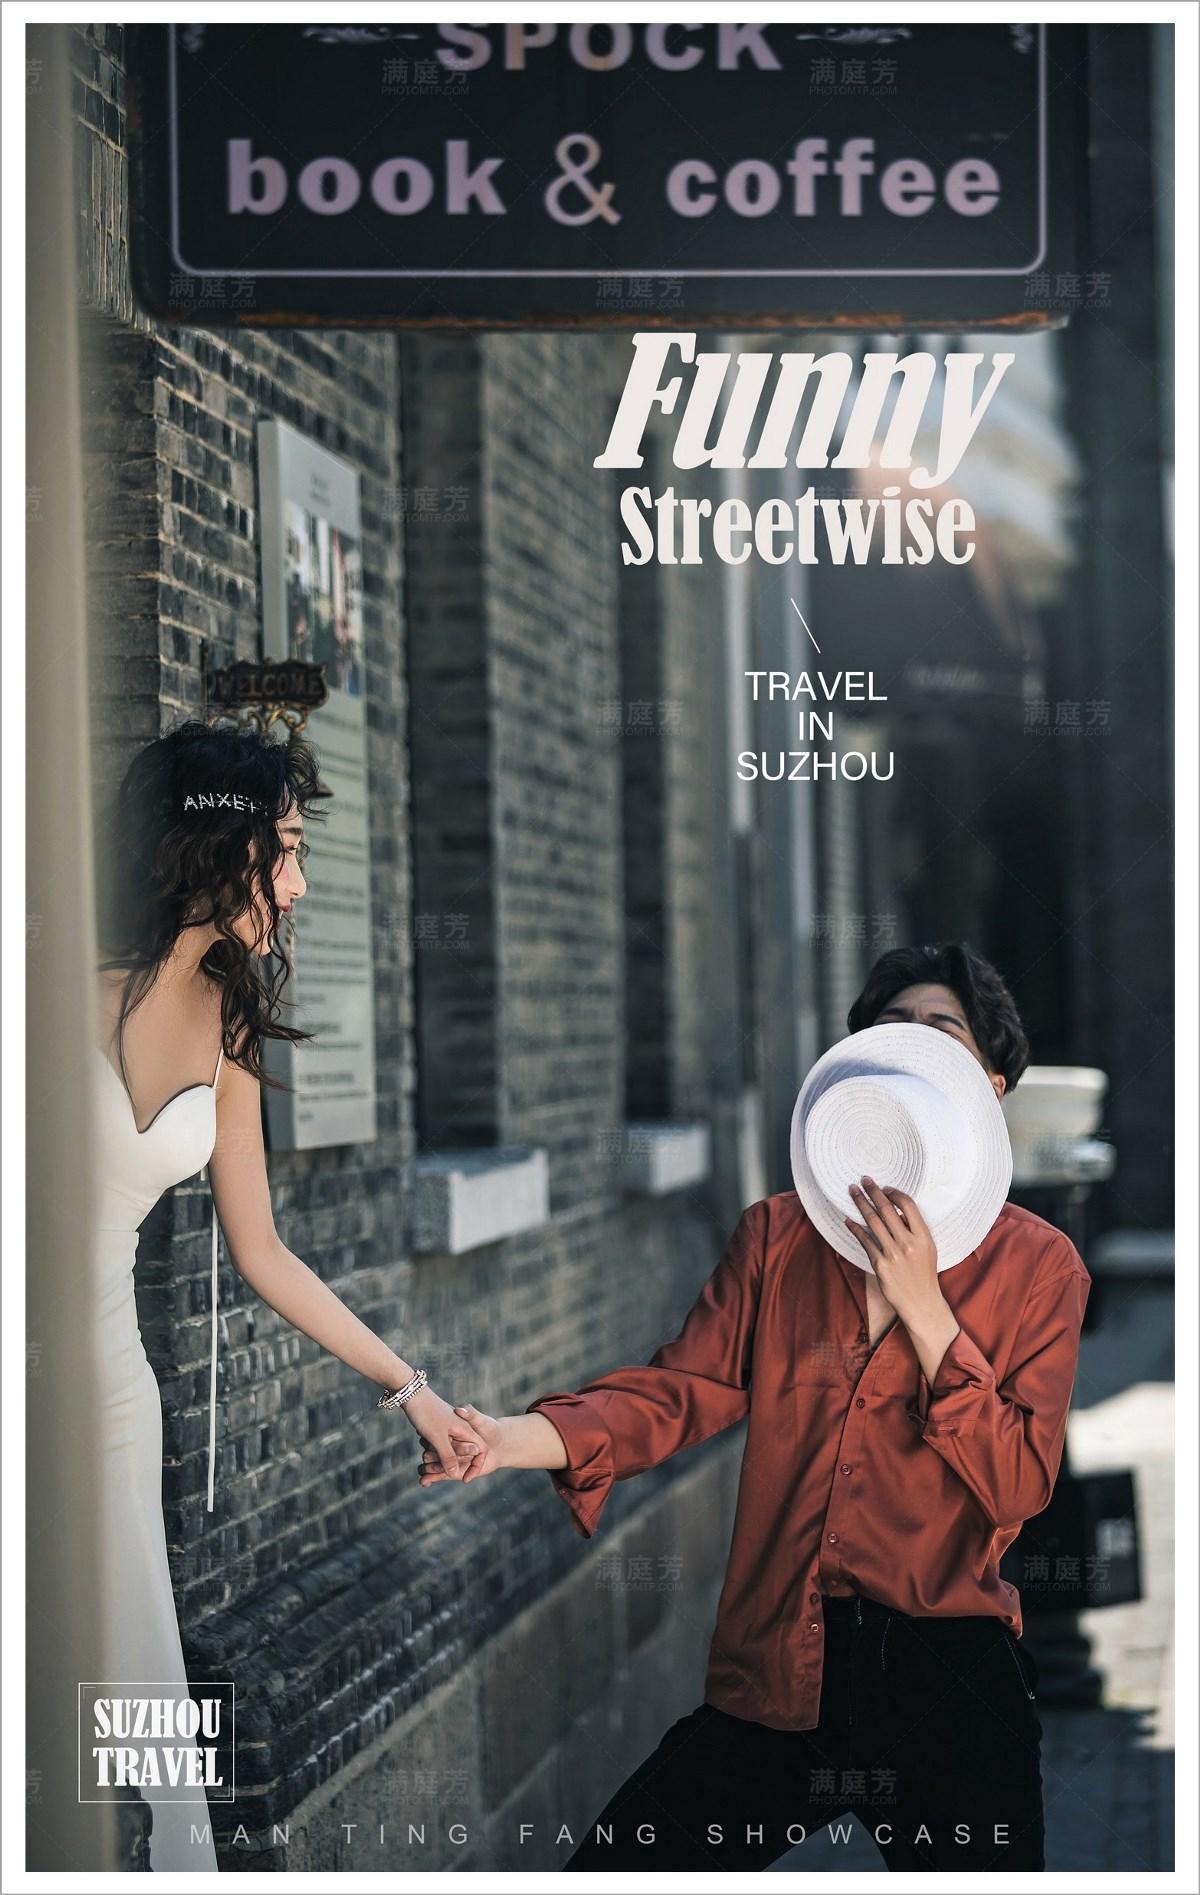 《Funny streetwise》修图师大陆作品